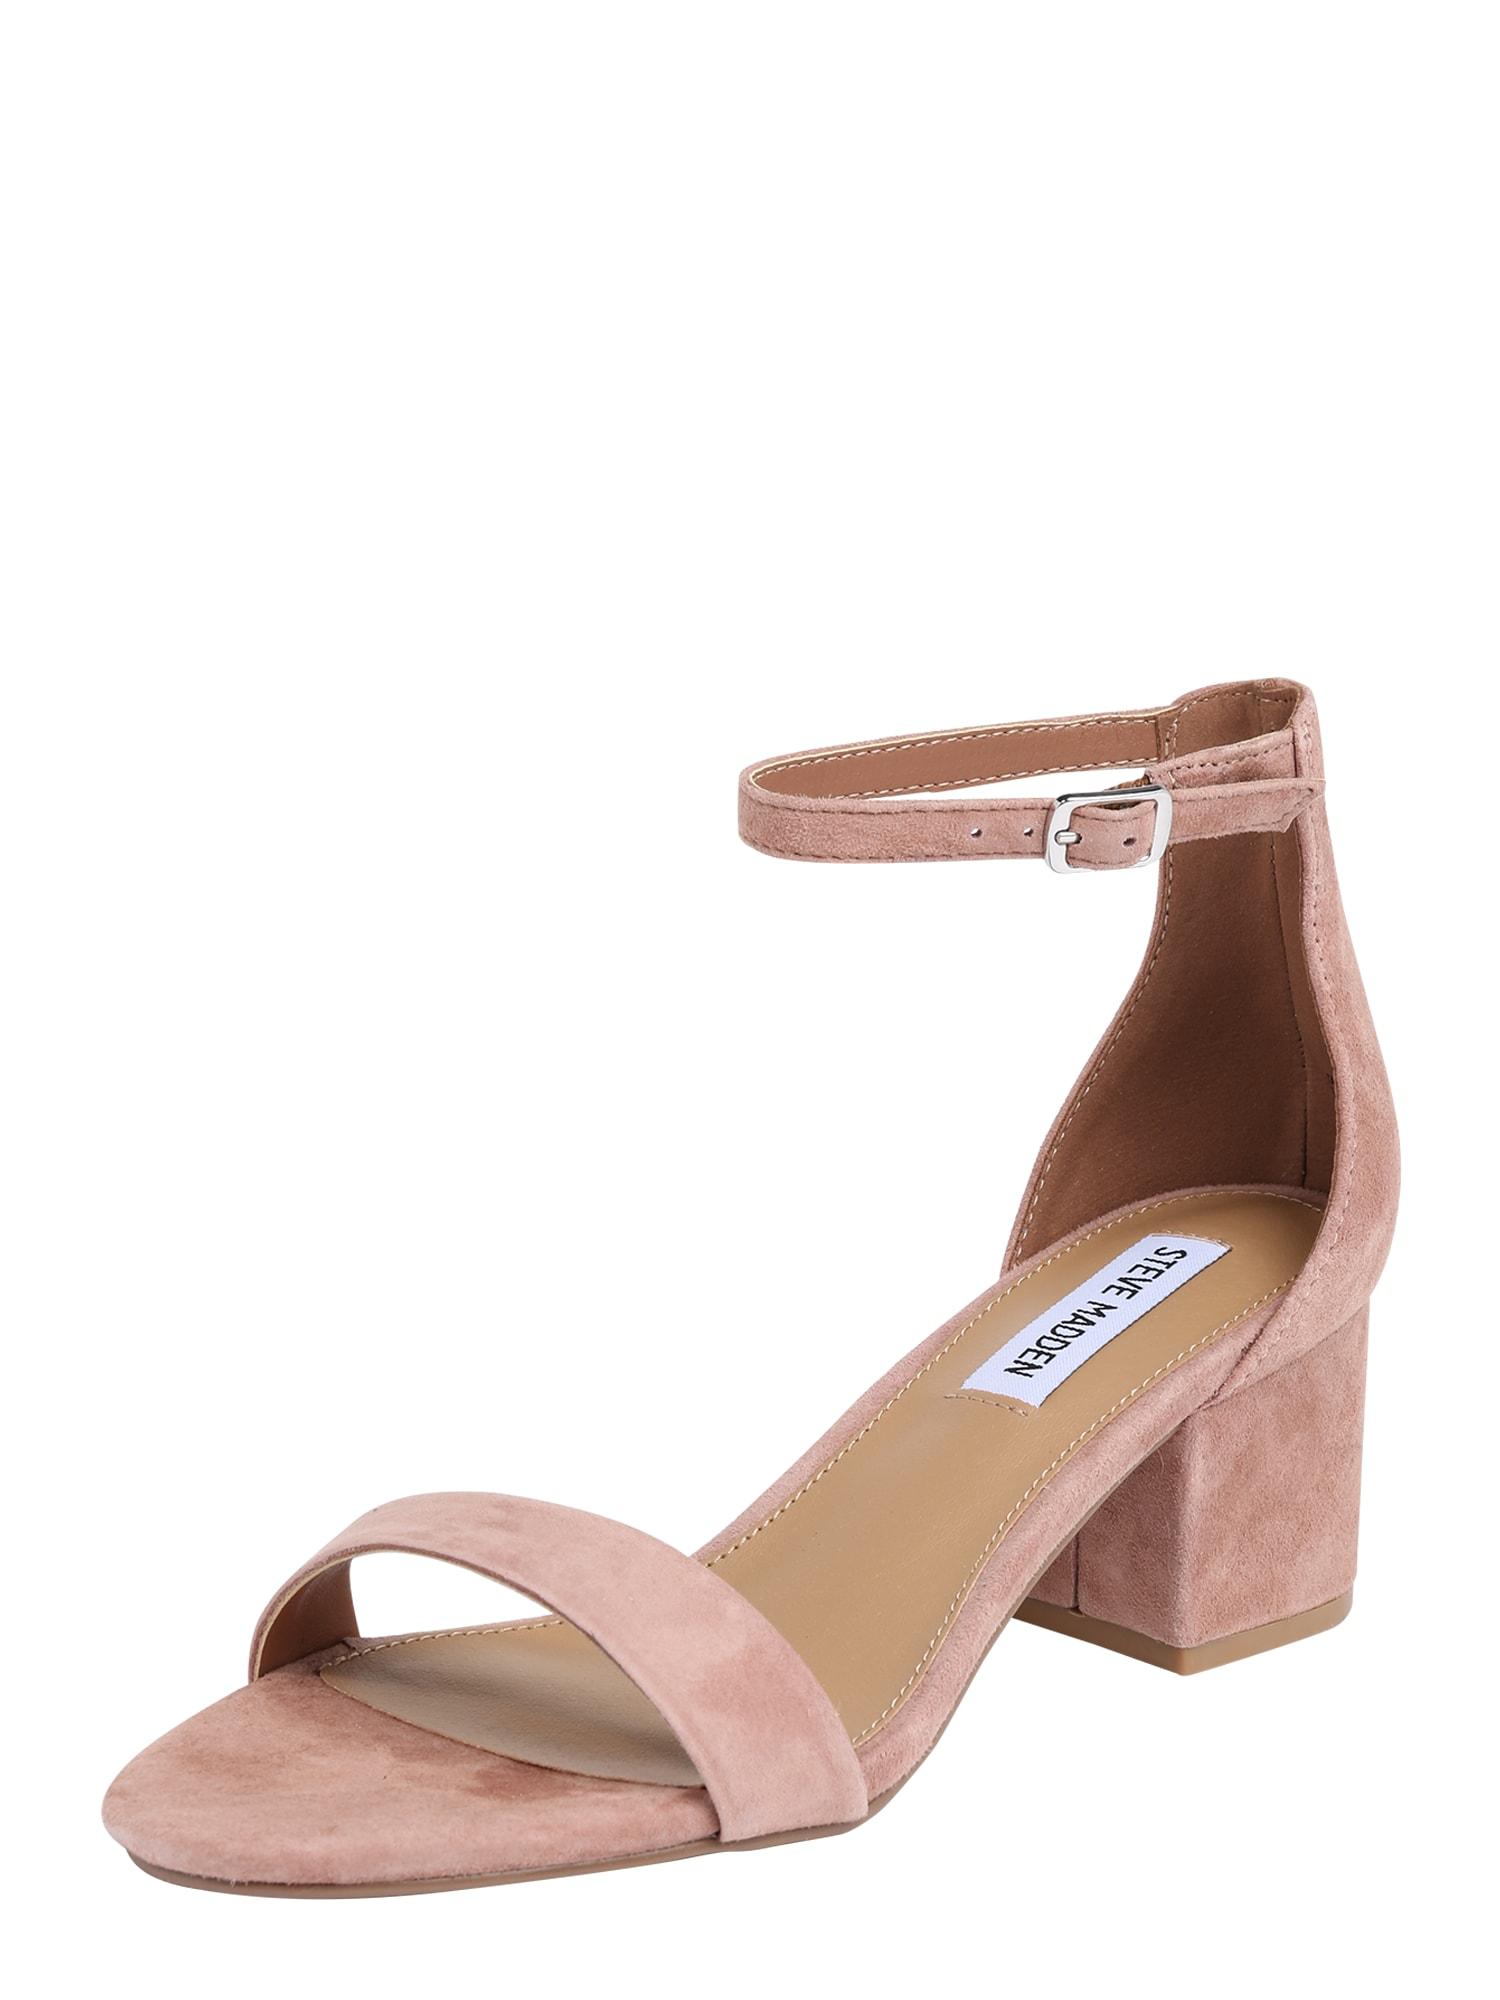 Páskové sandály Irenee béžová STEVE MADDEN